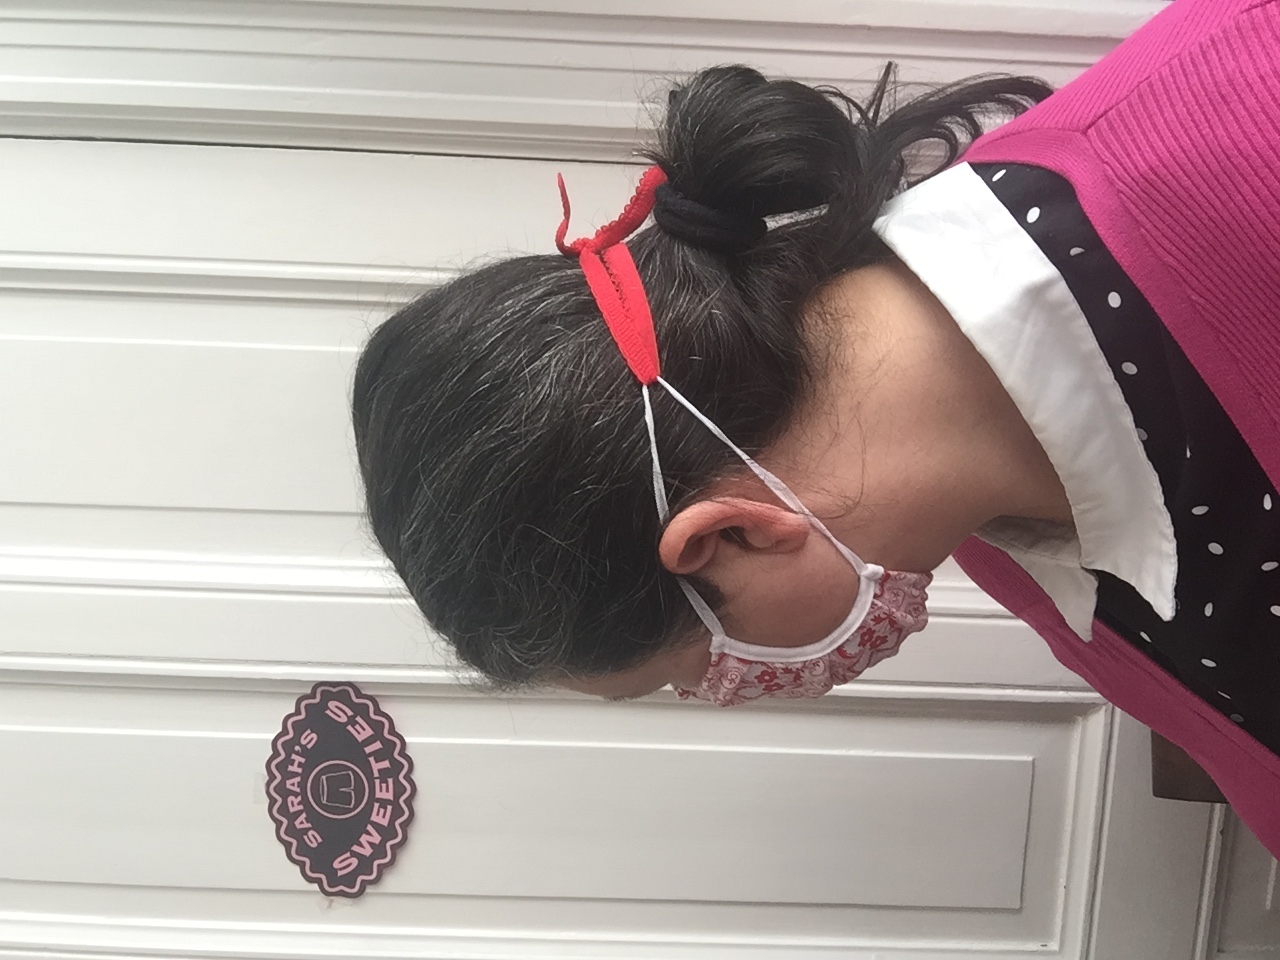 Foto van vrouw met snoetie #1 van de achterkant de oorelastieken zijn achter op haar hoofd naar elkaar toegetrokken met een rood stuk elastiek met een knoop erin